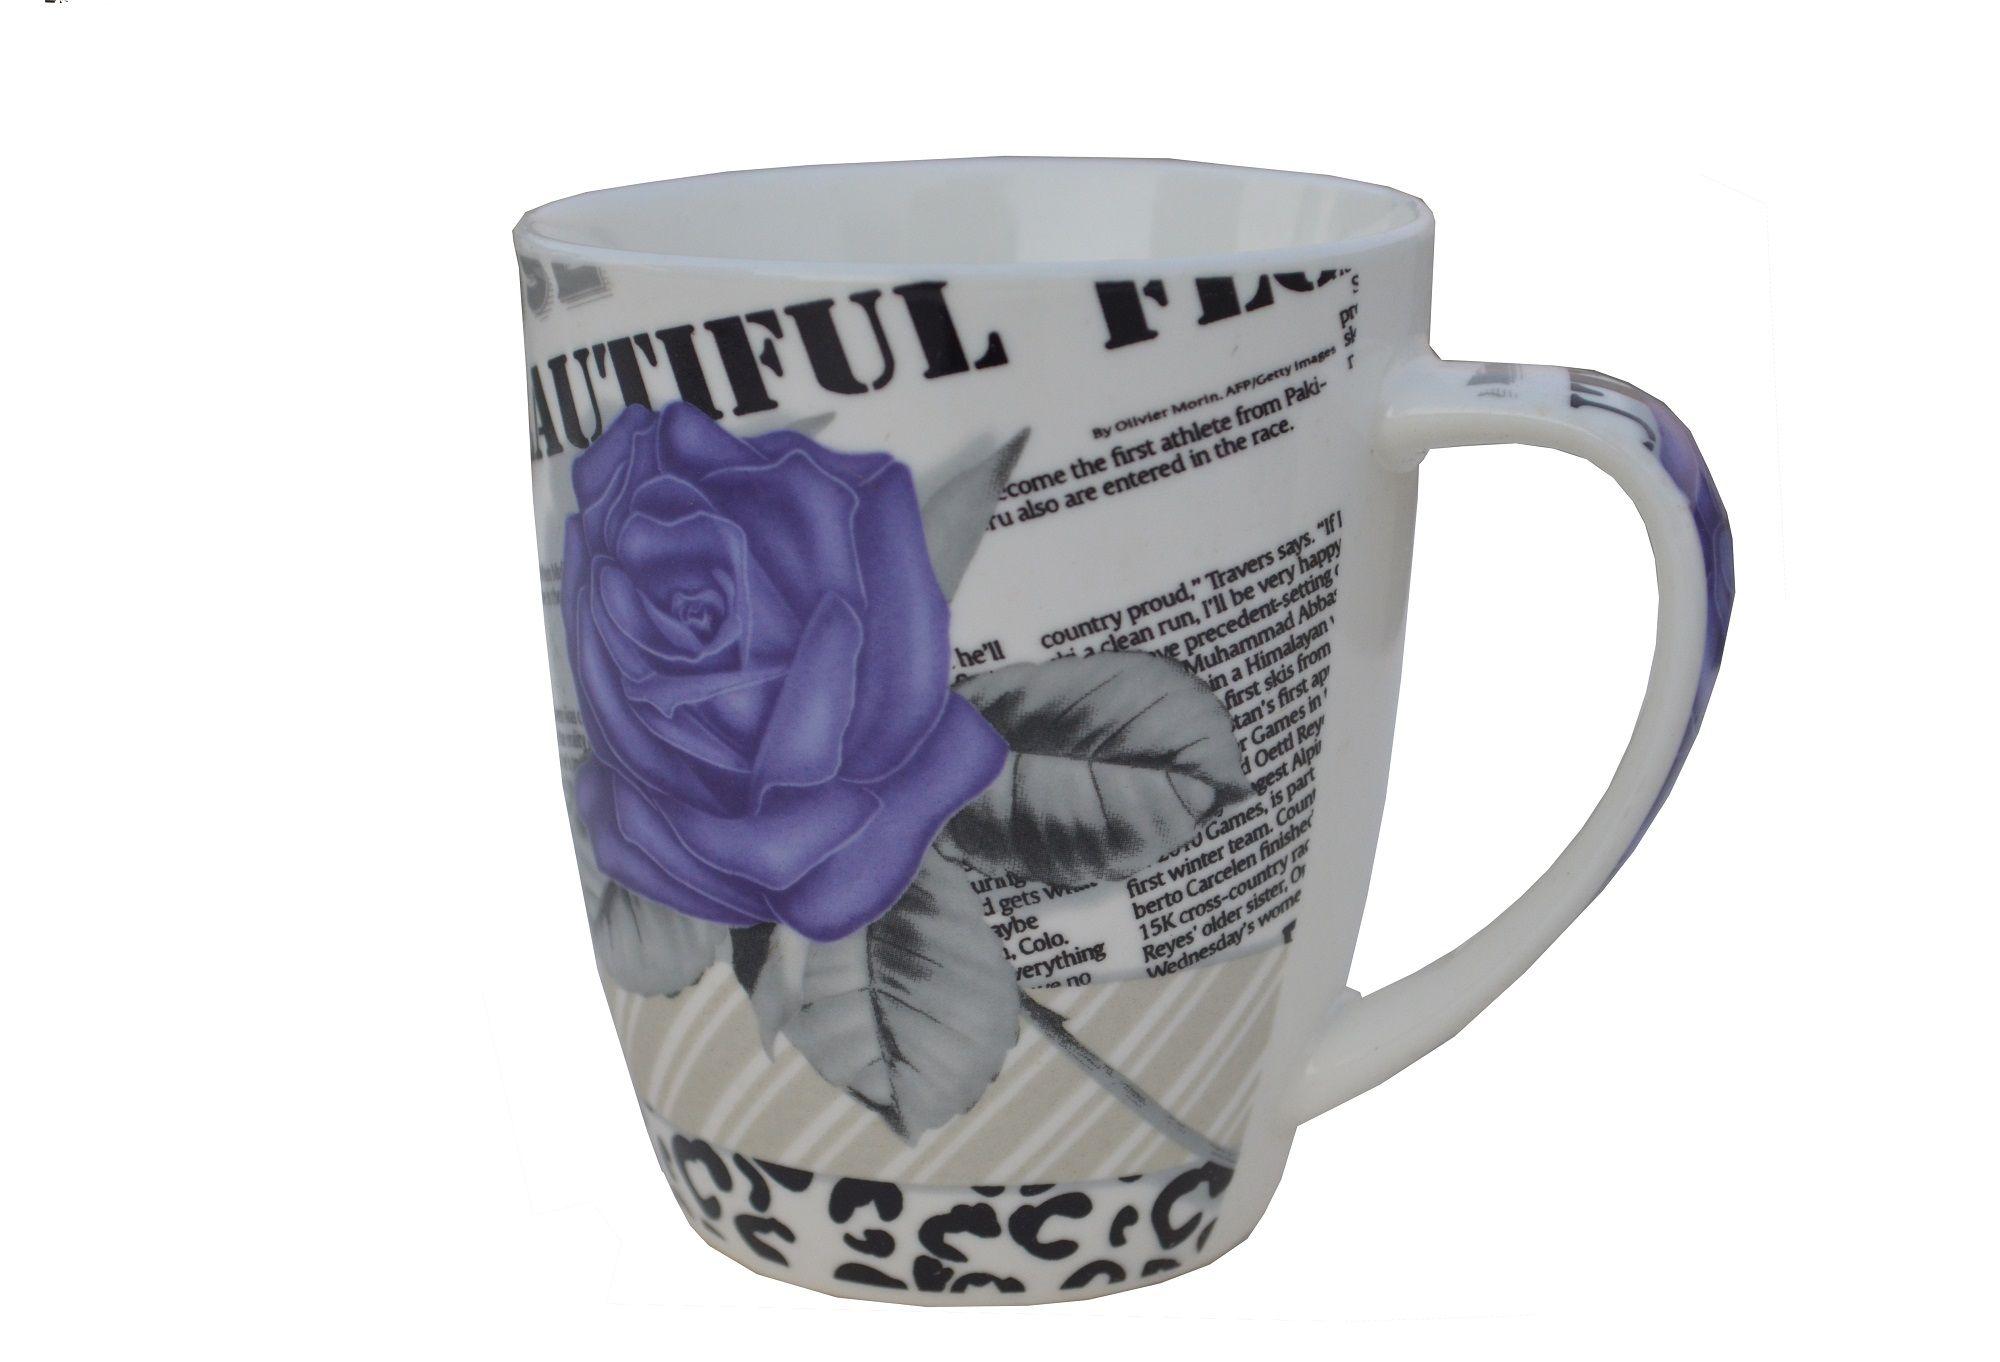 Aspirationz International Bone China Coffee Mug AZMC1811